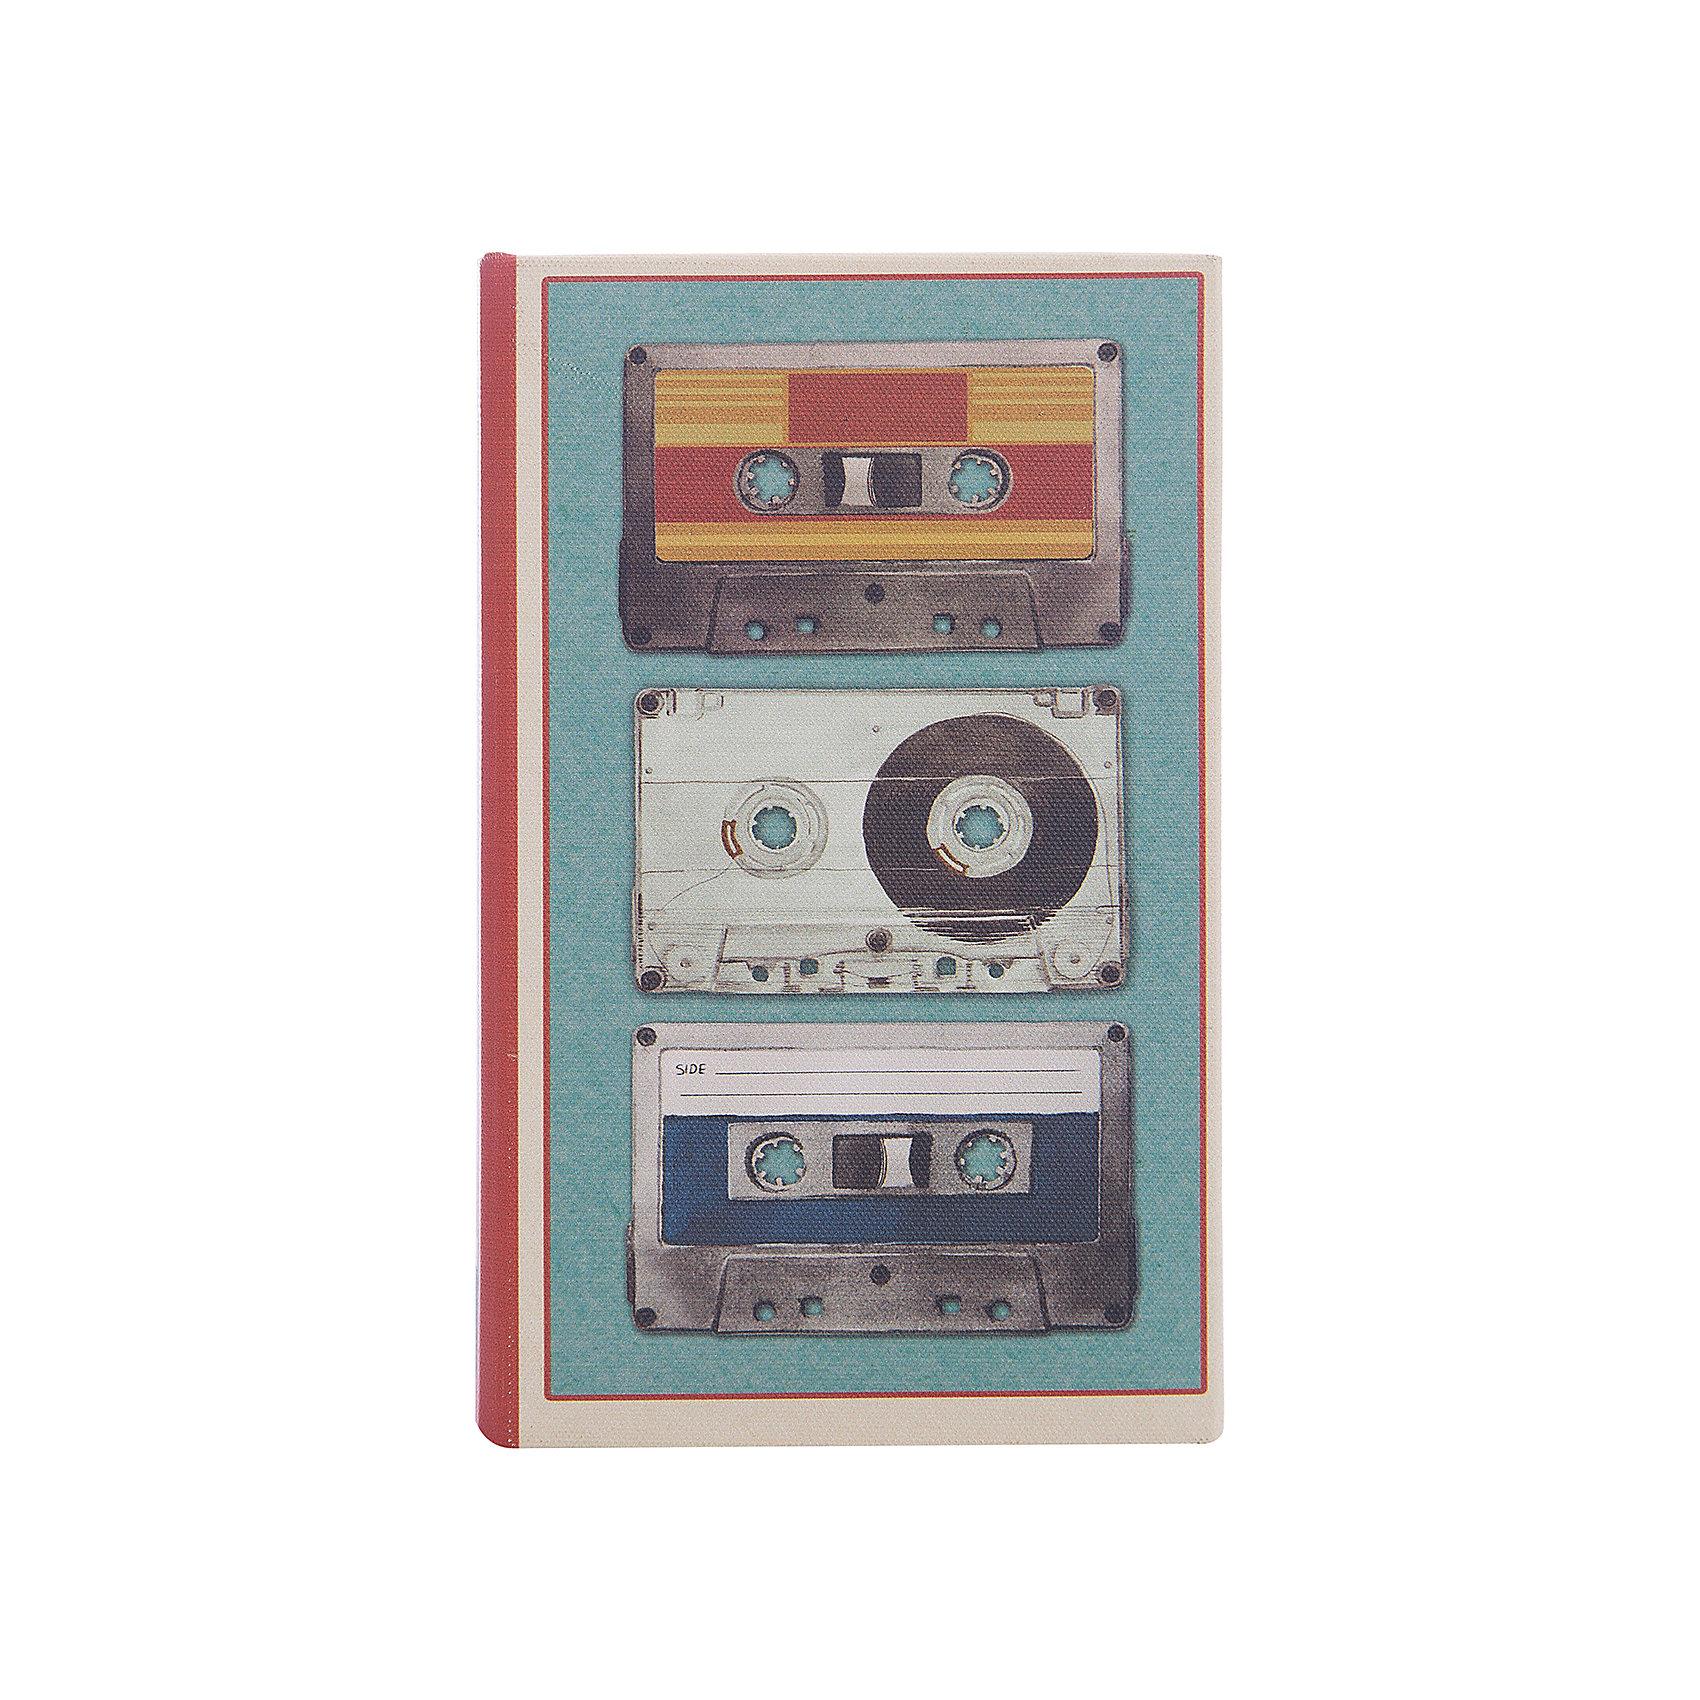 Шкатулка декоративная АудиокассетыДекоративная шкатулка Аудиокассеты изготовлена из металла и удобно закрывается крышкой. Она декорирована интересным рисунком с аудиокассетами. В такой шкатулке приятно будет приятно хранить вещи, украшения и мелкие безделушки.<br><br>Дополнительная информация:<br>Материал: металл<br>Размер: 17х11х5 см<br>Вес: 350 грамм<br>Вы можете купить декоративную шкатулку Аудиокассеты в нашем интернет-магазине.<br><br>Ширина мм: 390<br>Глубина мм: 370<br>Высота мм: 380<br>Вес г: 307<br>Возраст от месяцев: 84<br>Возраст до месяцев: 216<br>Пол: Унисекс<br>Возраст: Детский<br>SKU: 4957981